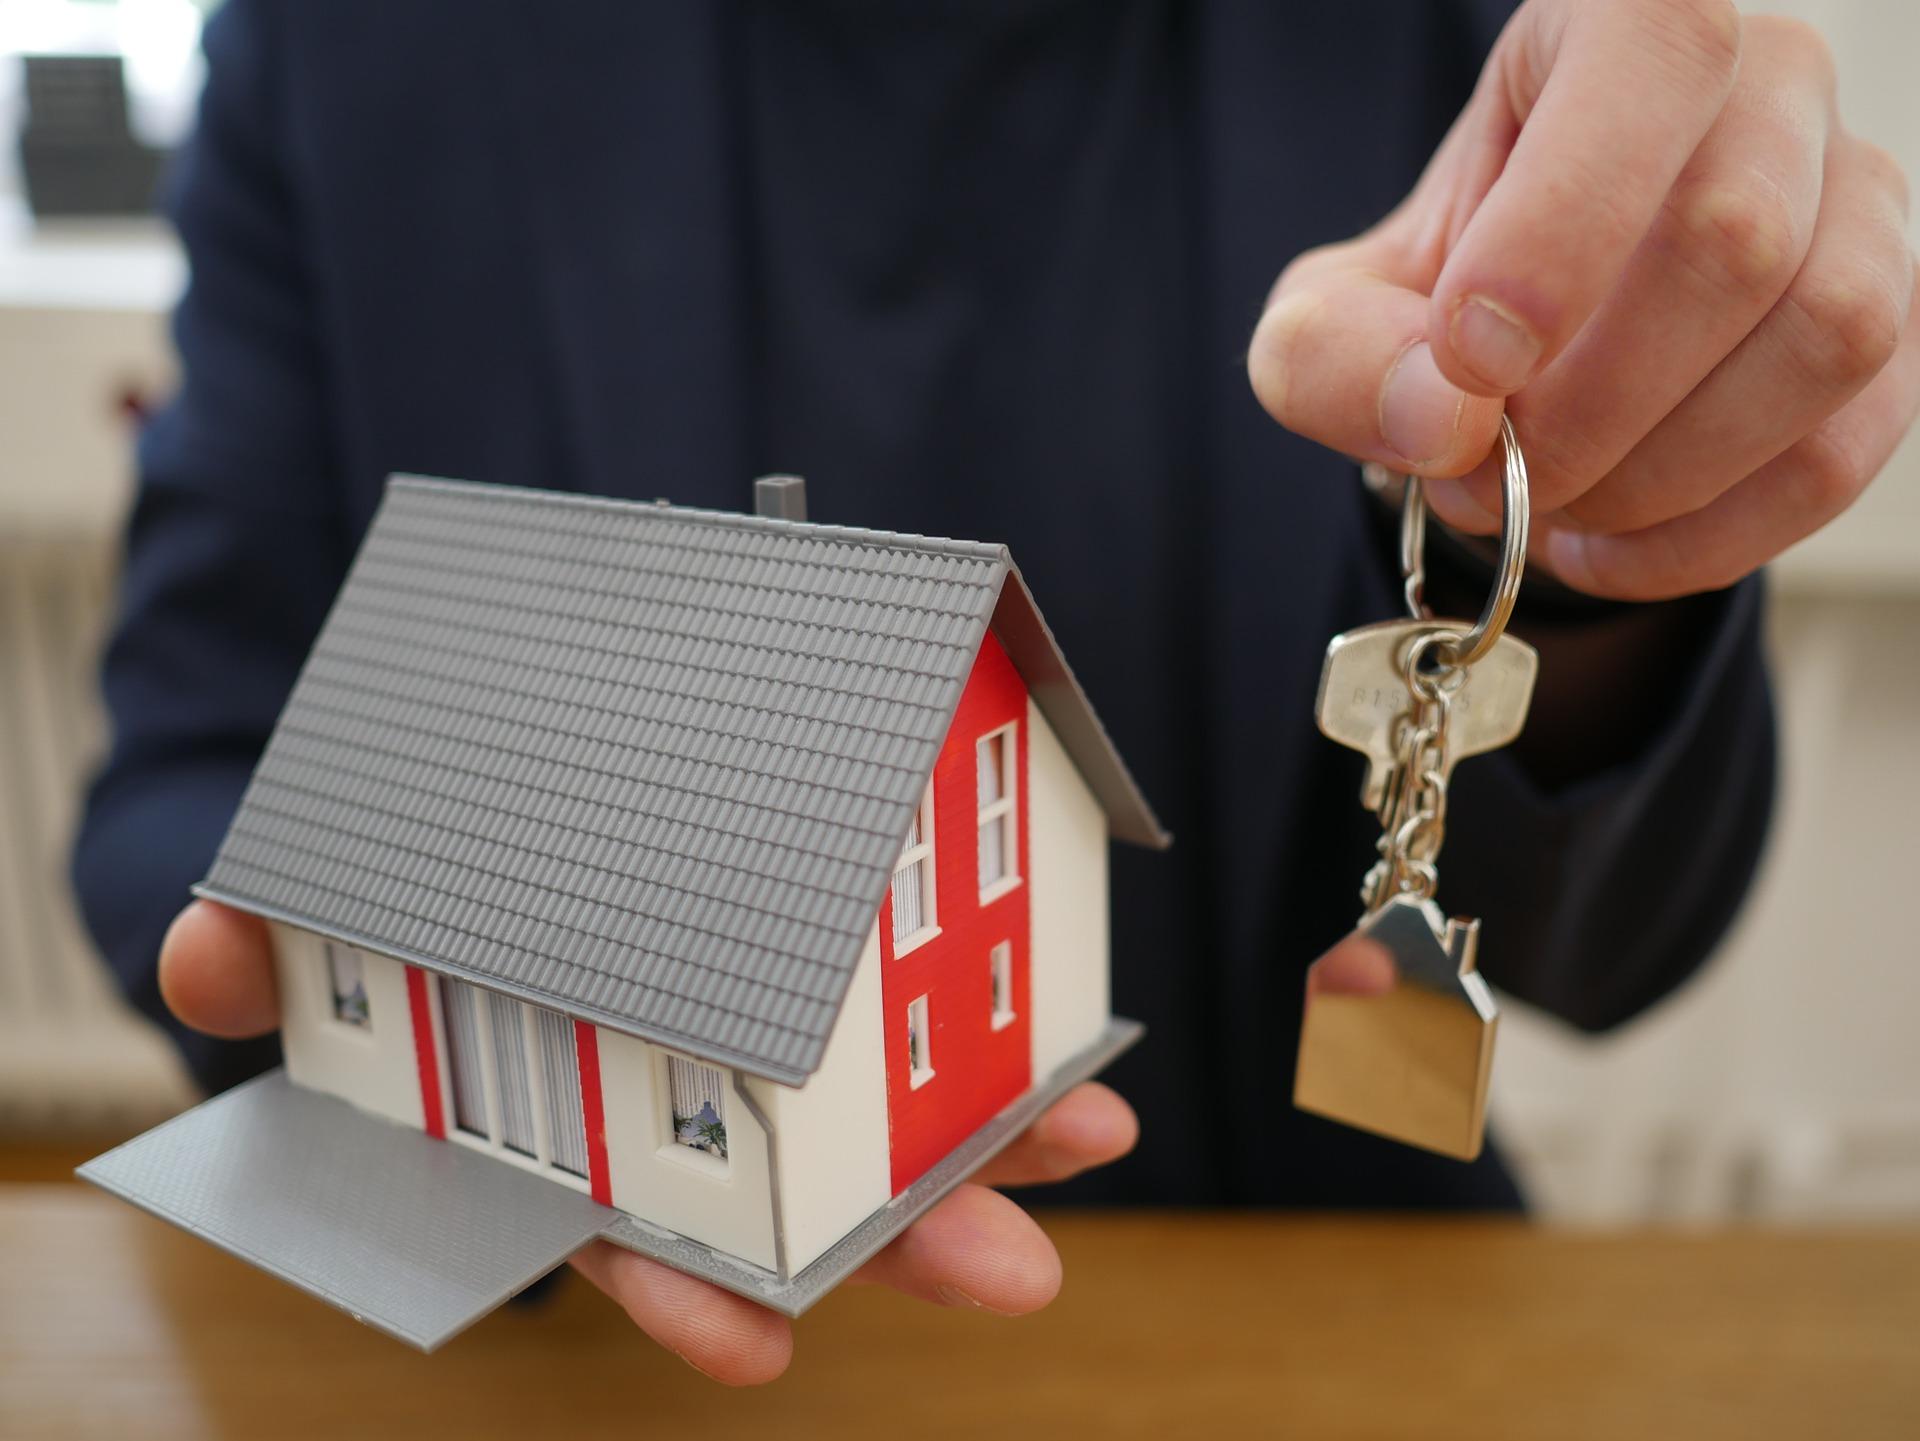 Помощь многодетным семьям в выплате ипотеки